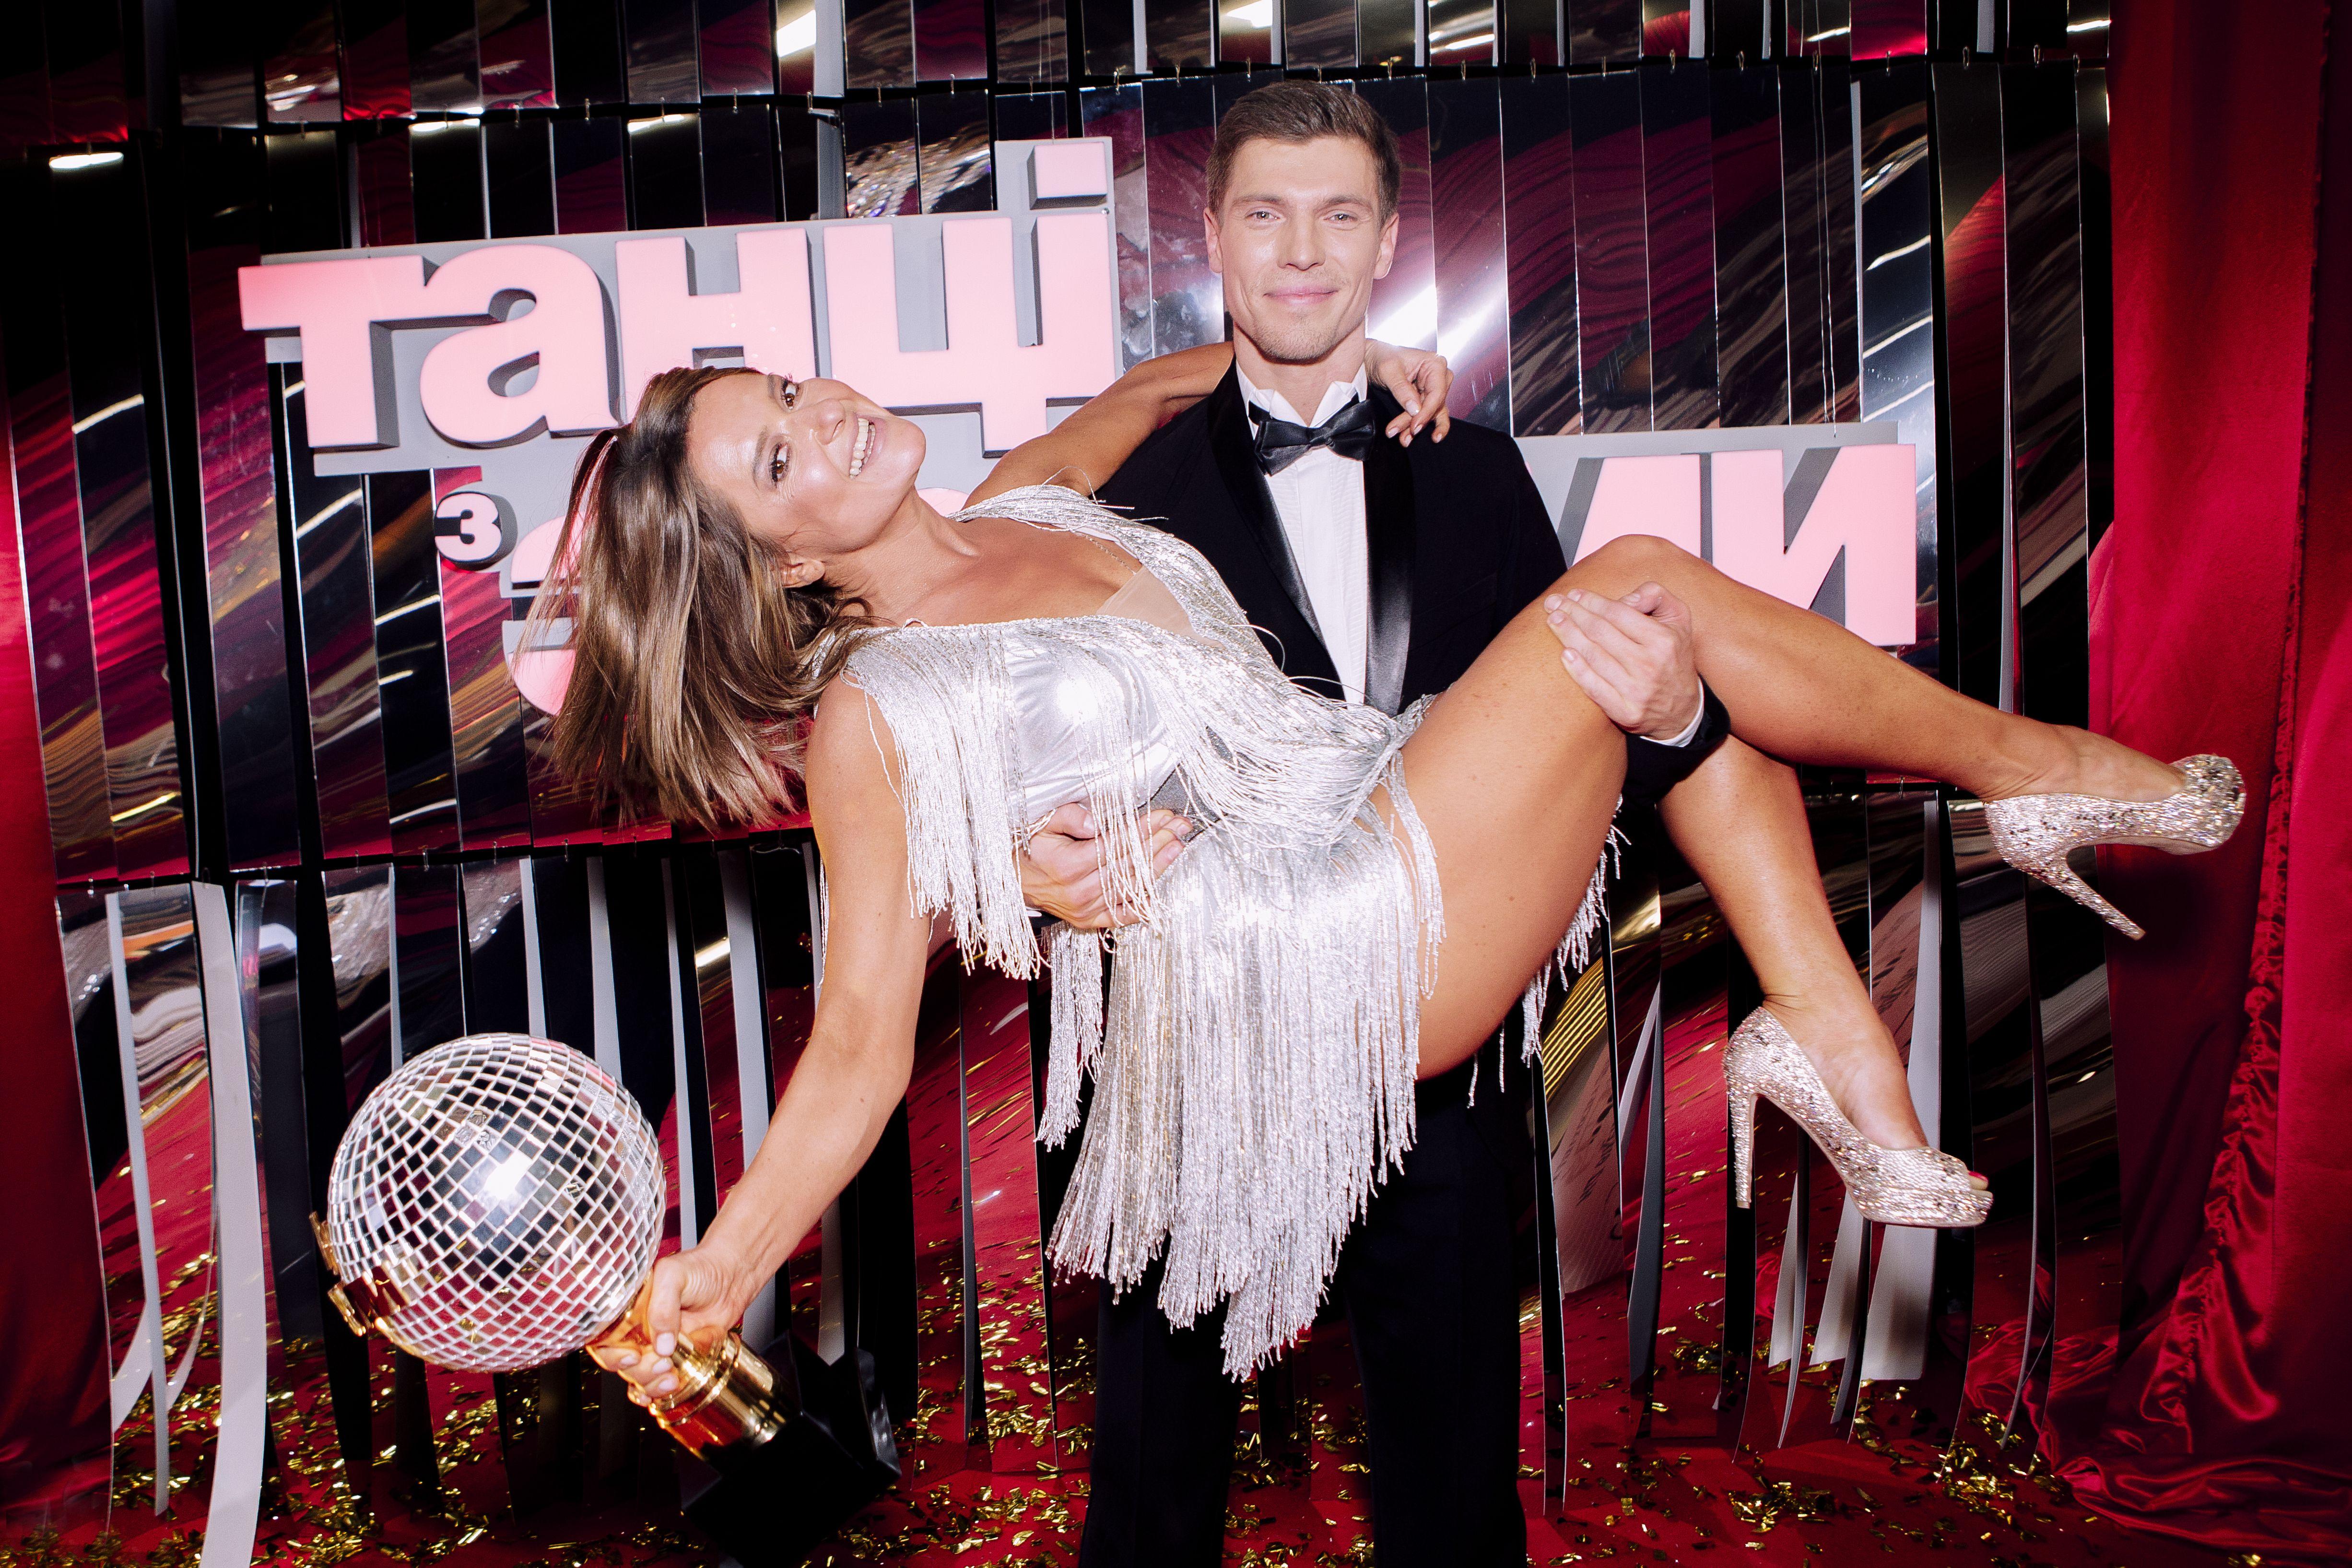 Танці з зірками: відома пара переможців